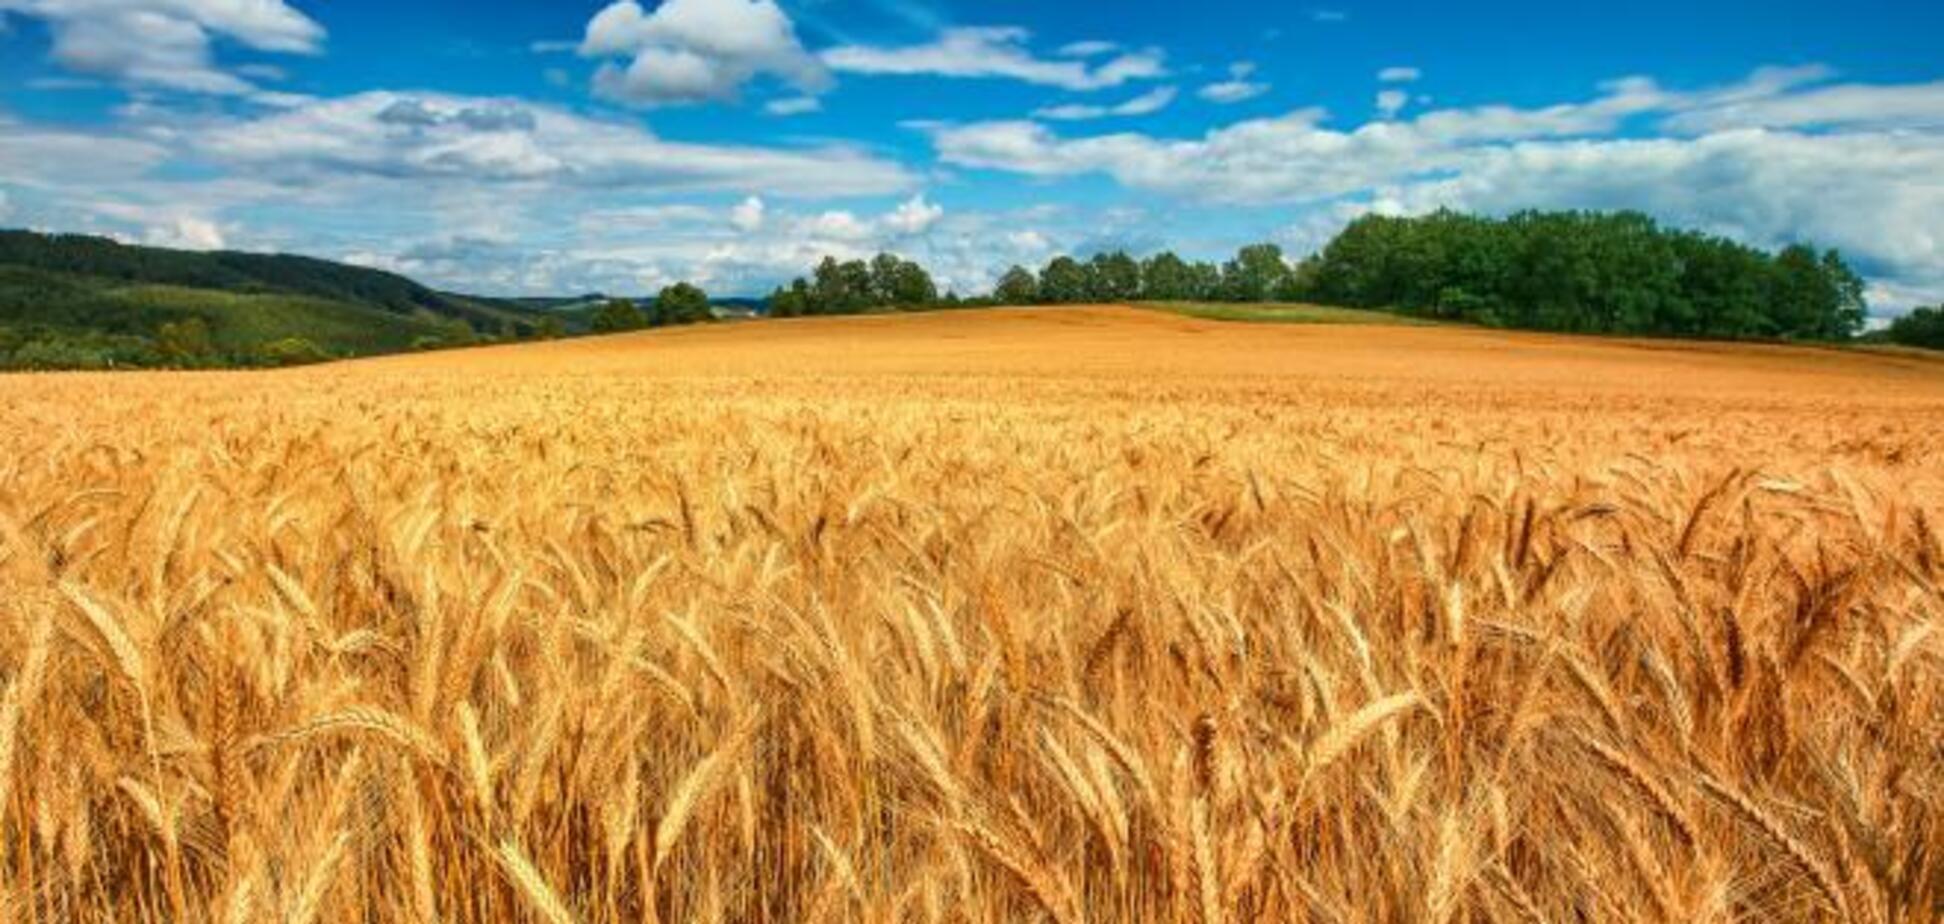 Мартынюк: контроль за использованием СЗР предотвратит отравления пестицидами